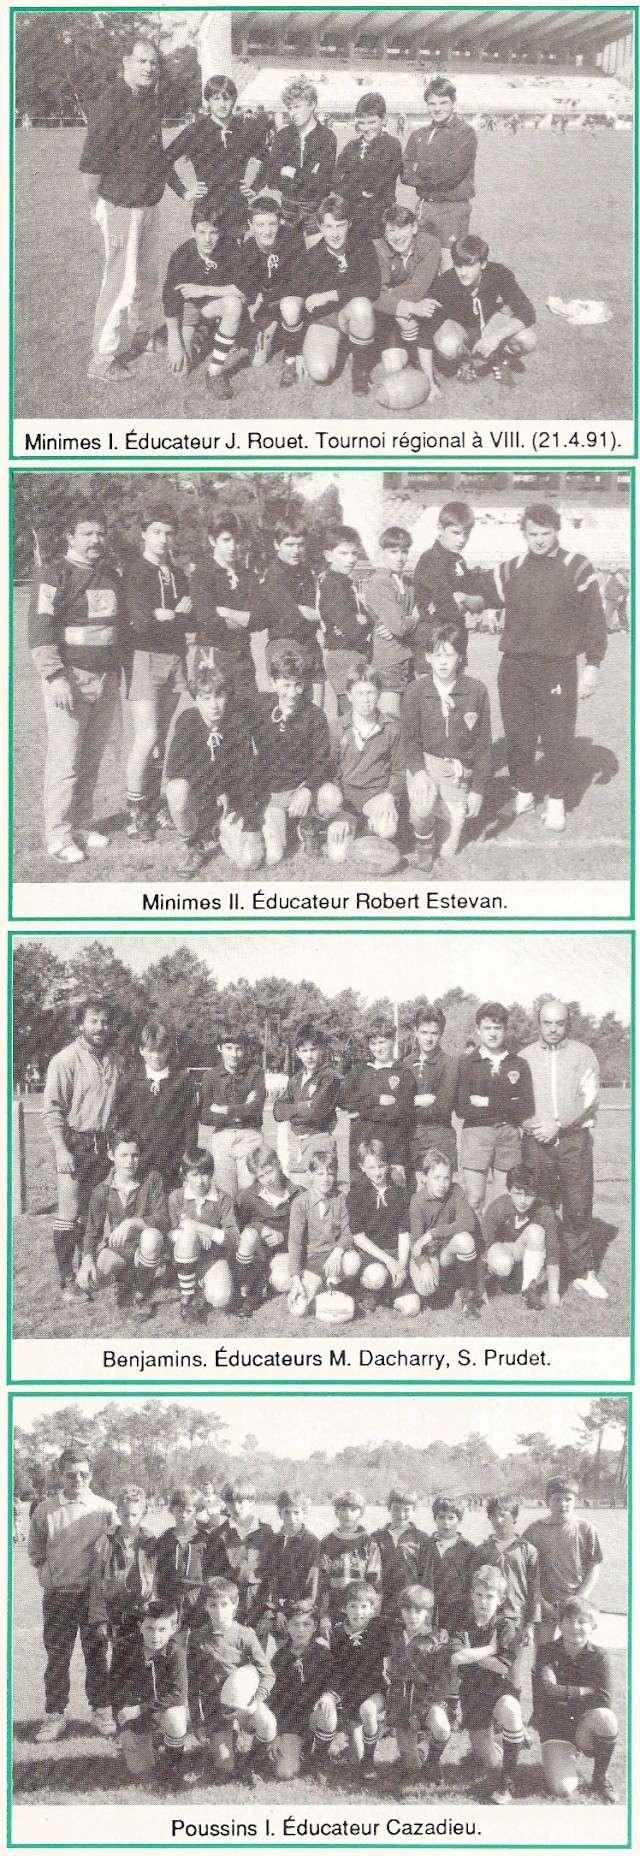 Photos Ecole De Rugby..... D'hier à aujourd'hui. 1991_a10